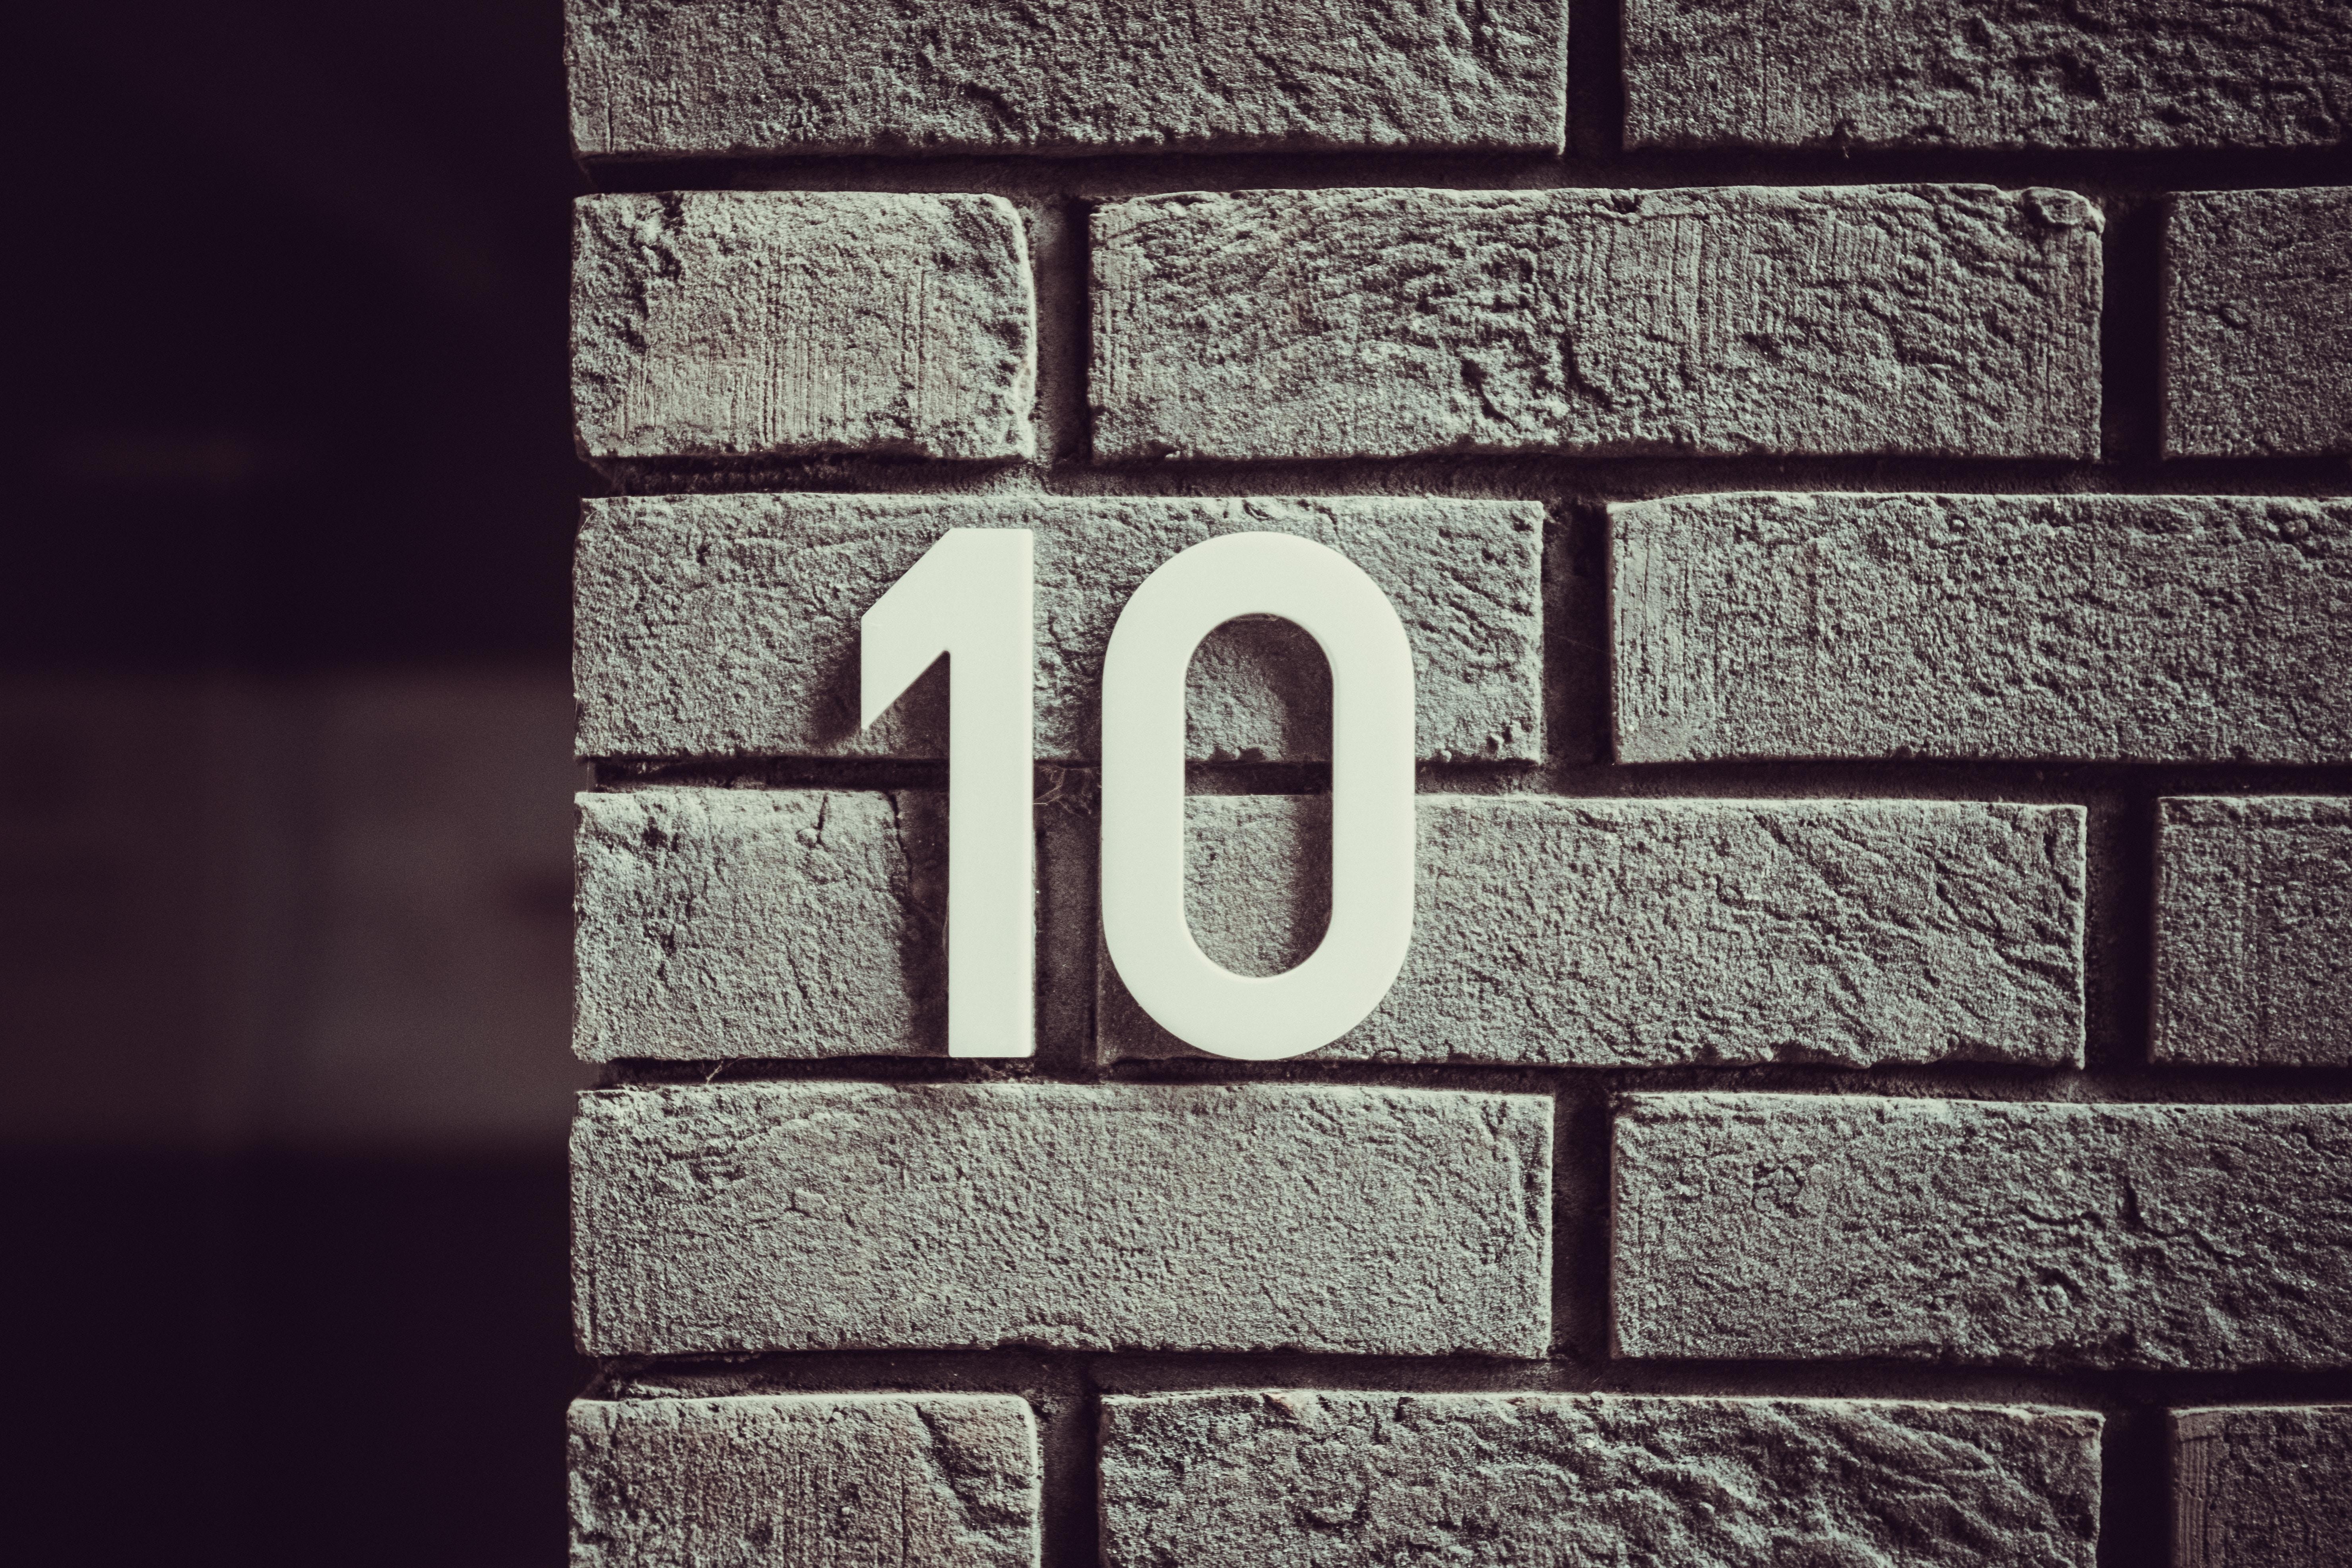 118789壁紙のダウンロードその他, 雑, 壁, 数字, 像, レンガ, 煉瓦, ルーム, 数-スクリーンセーバーと写真を無料で